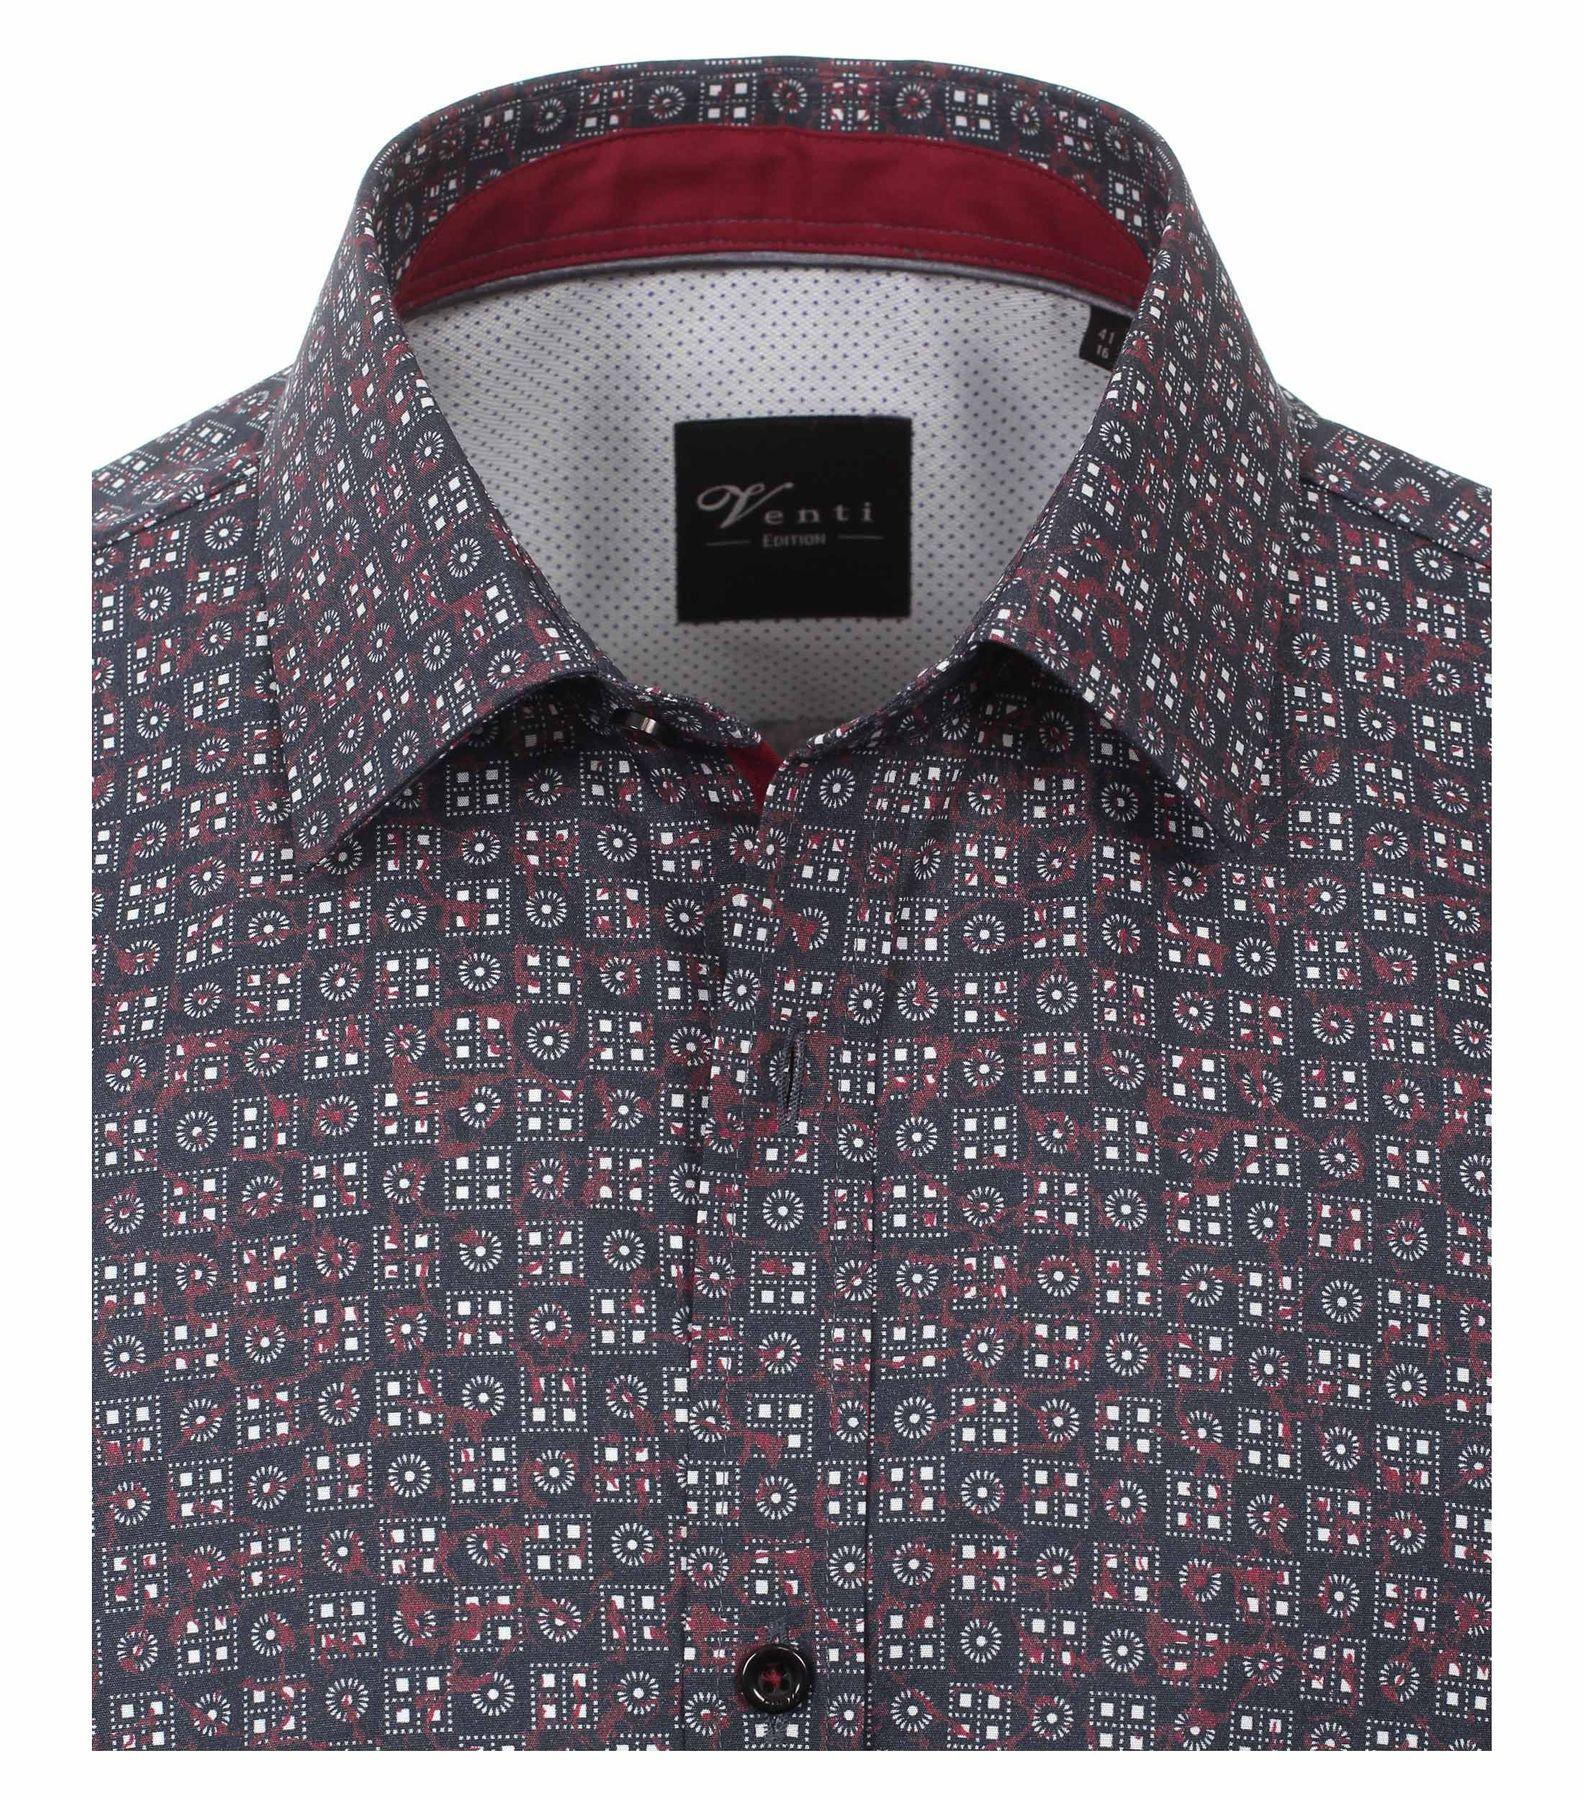 Venti - Slim Fit - Herren Langarm Hemd aus 100% Baumwolle mit Kent Kragen (162541800 A) – Bild 3